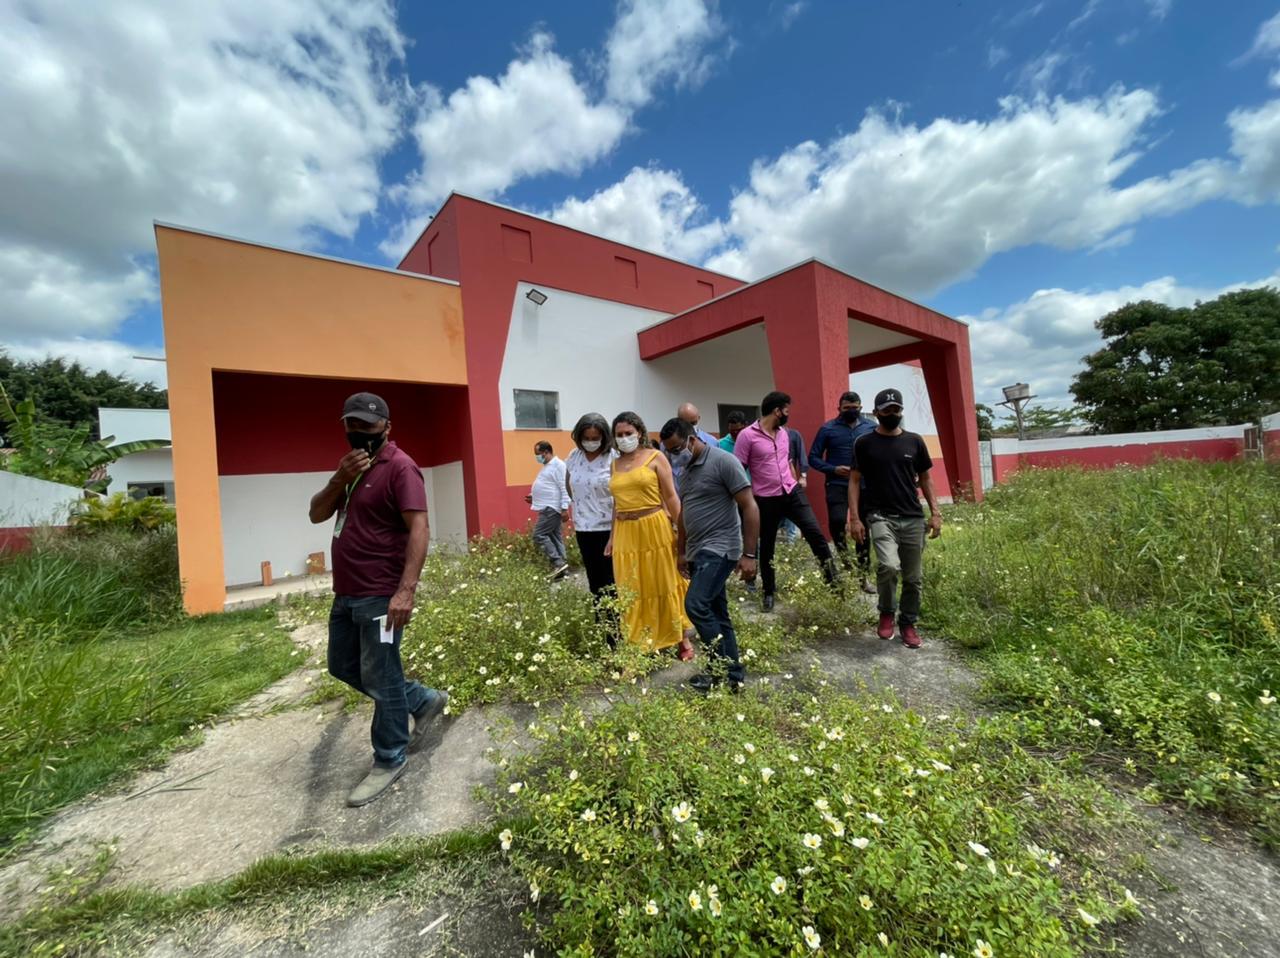 Eunápolis: Obra inacabada revela desperdício com o dinheiro público 27